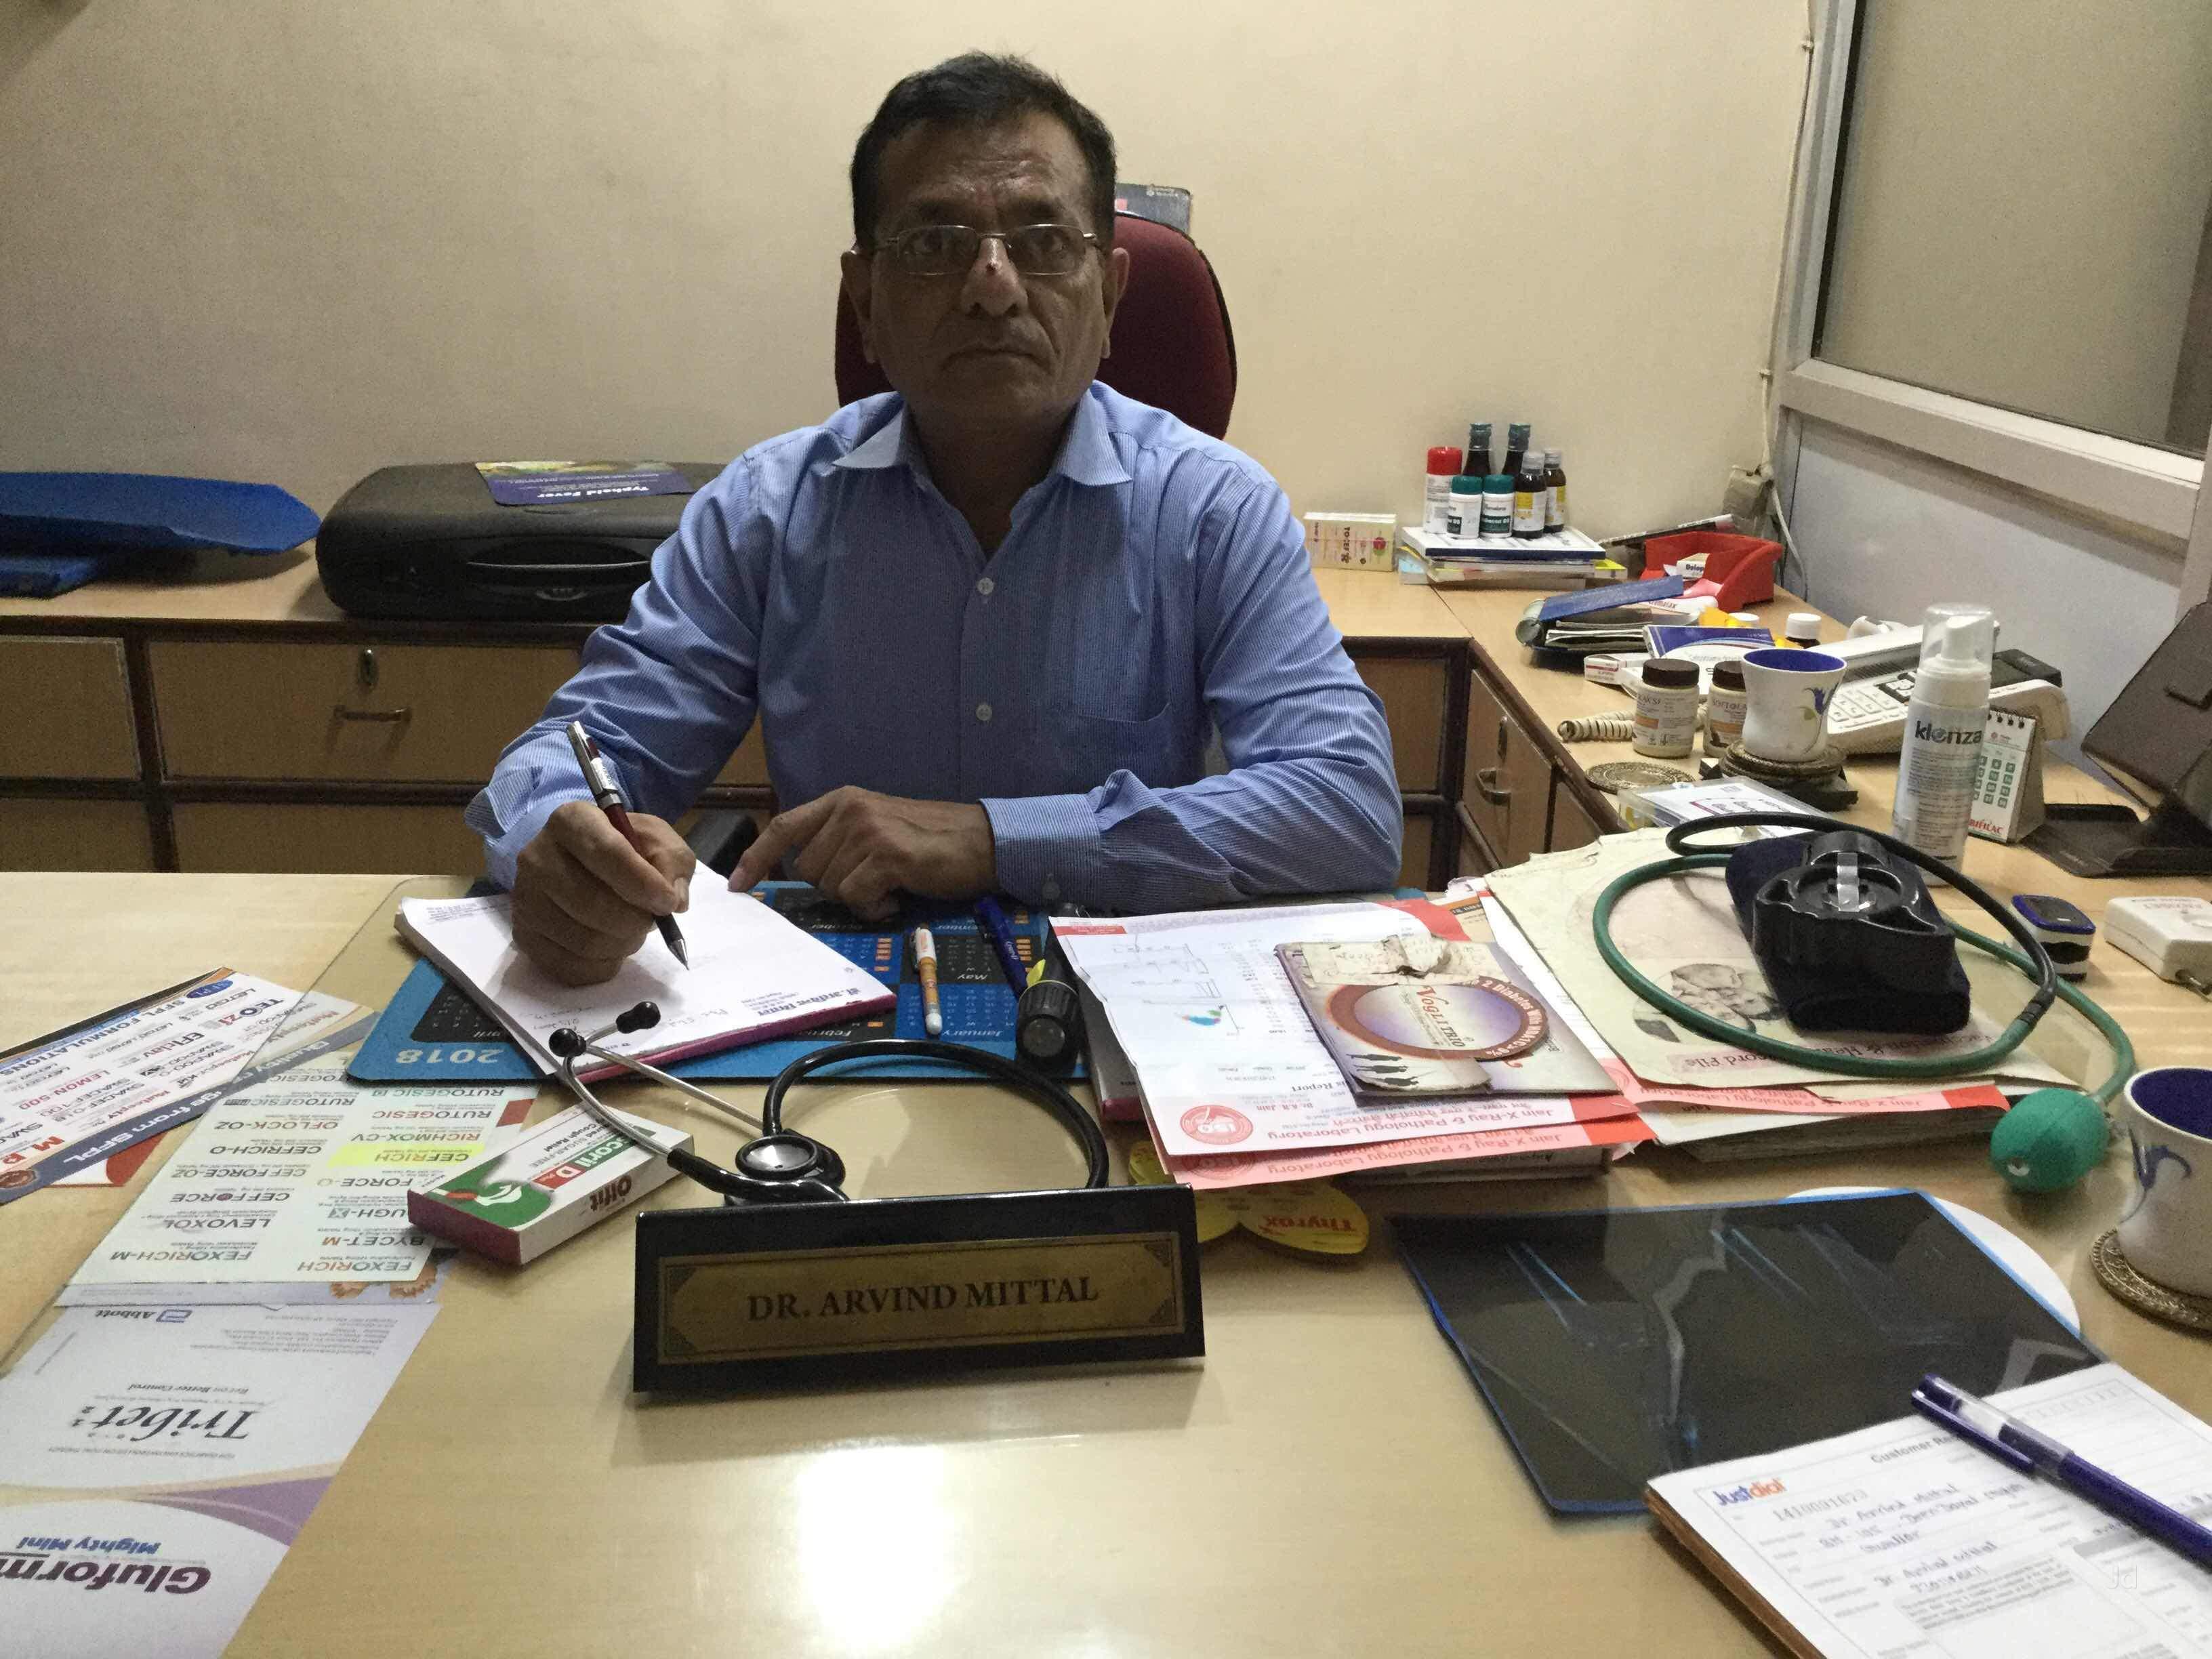 Dr. Arvind Mittal